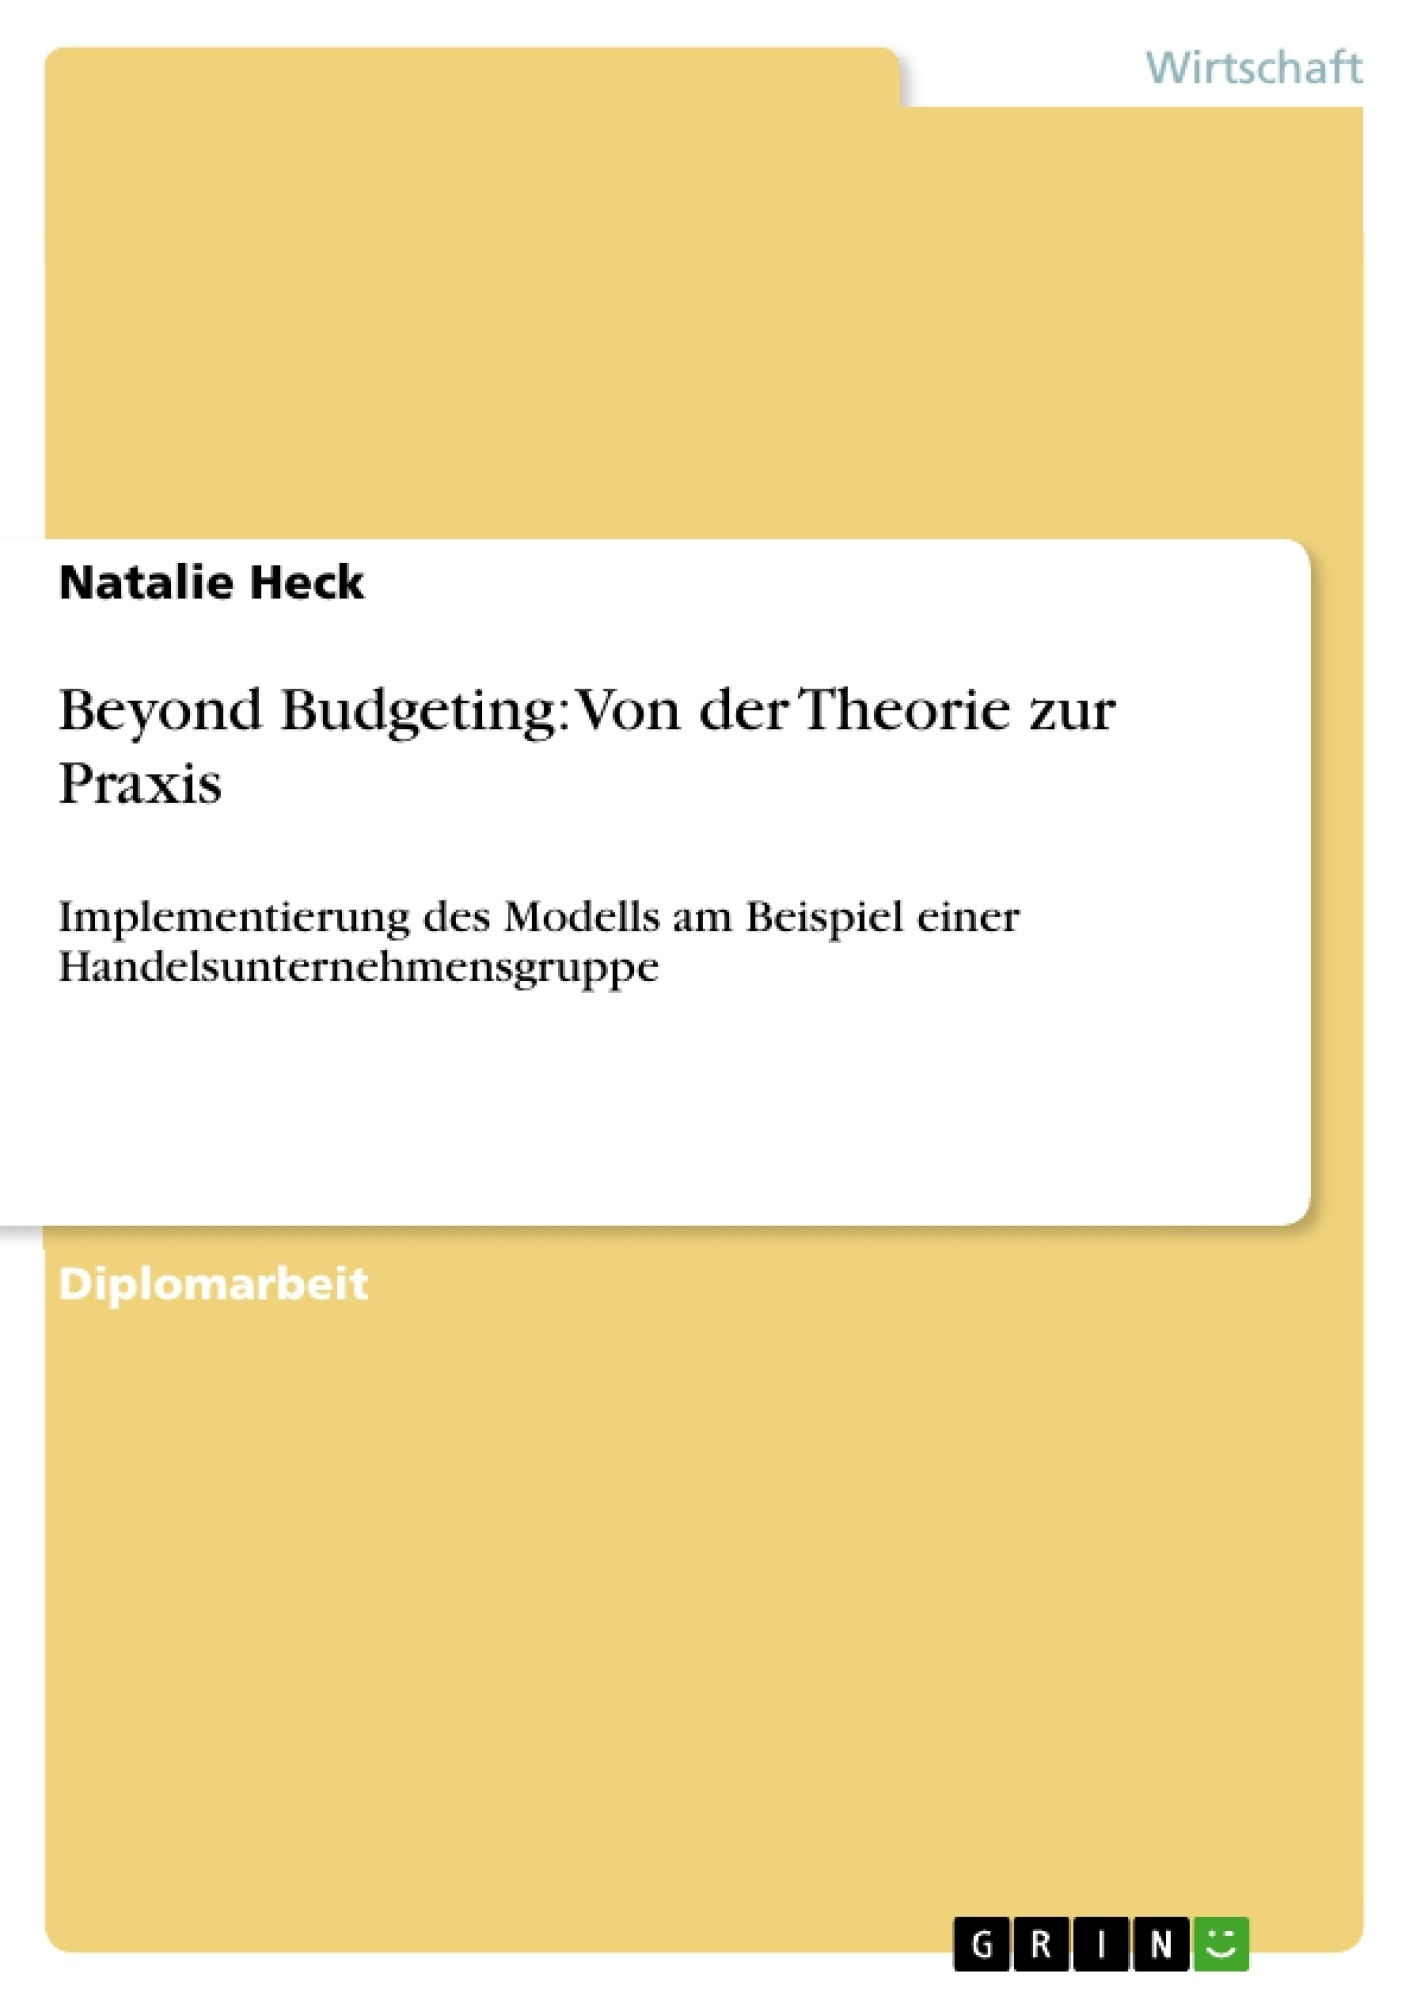 Titel: Beyond Budgeting: Von der Theorie zur Praxis